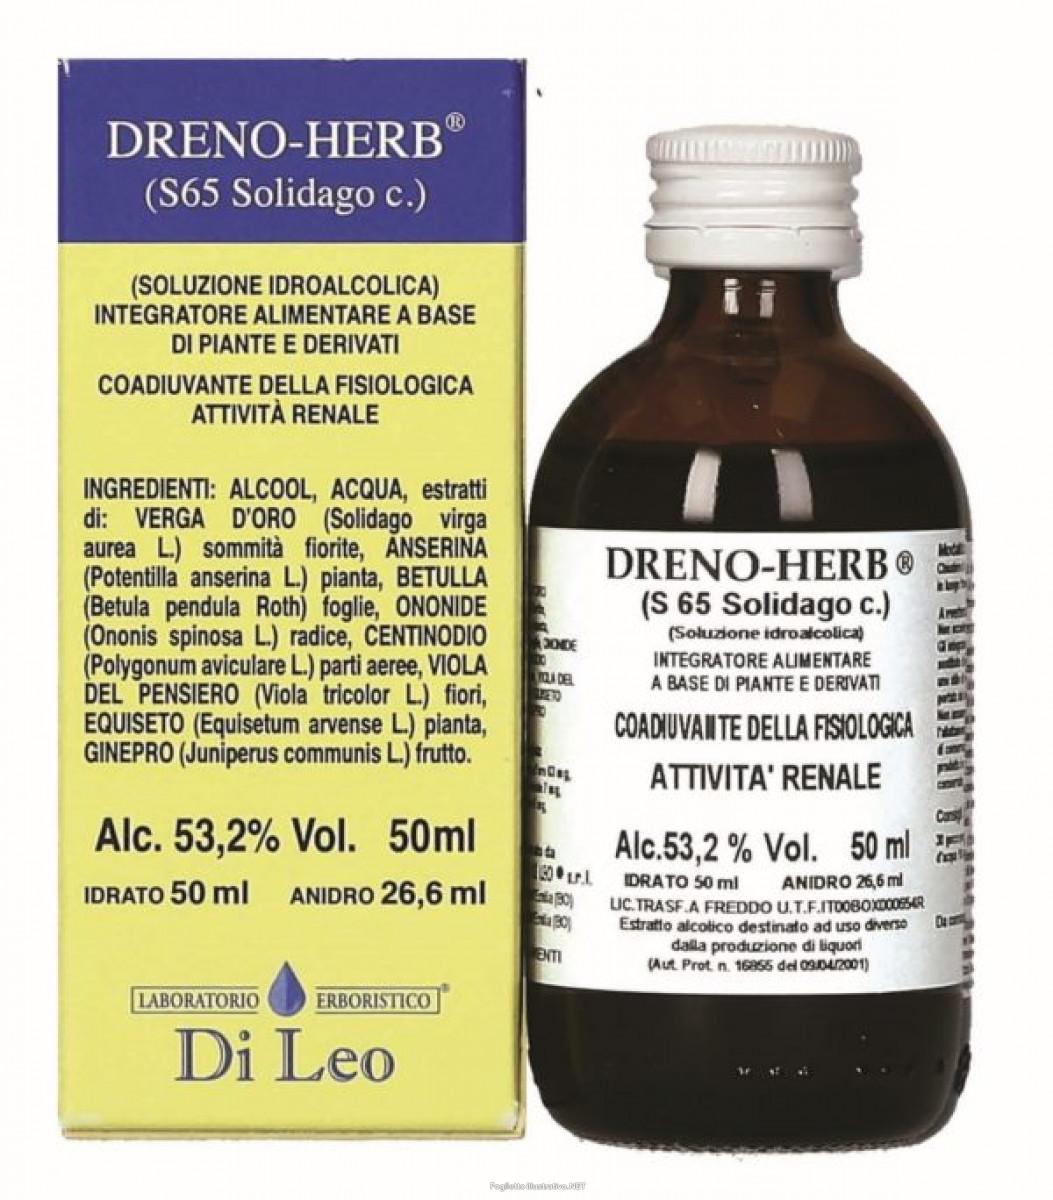 LABORATORIO ERBORISTICO DI LEO Dreno Herb S65 Solidago 50ml